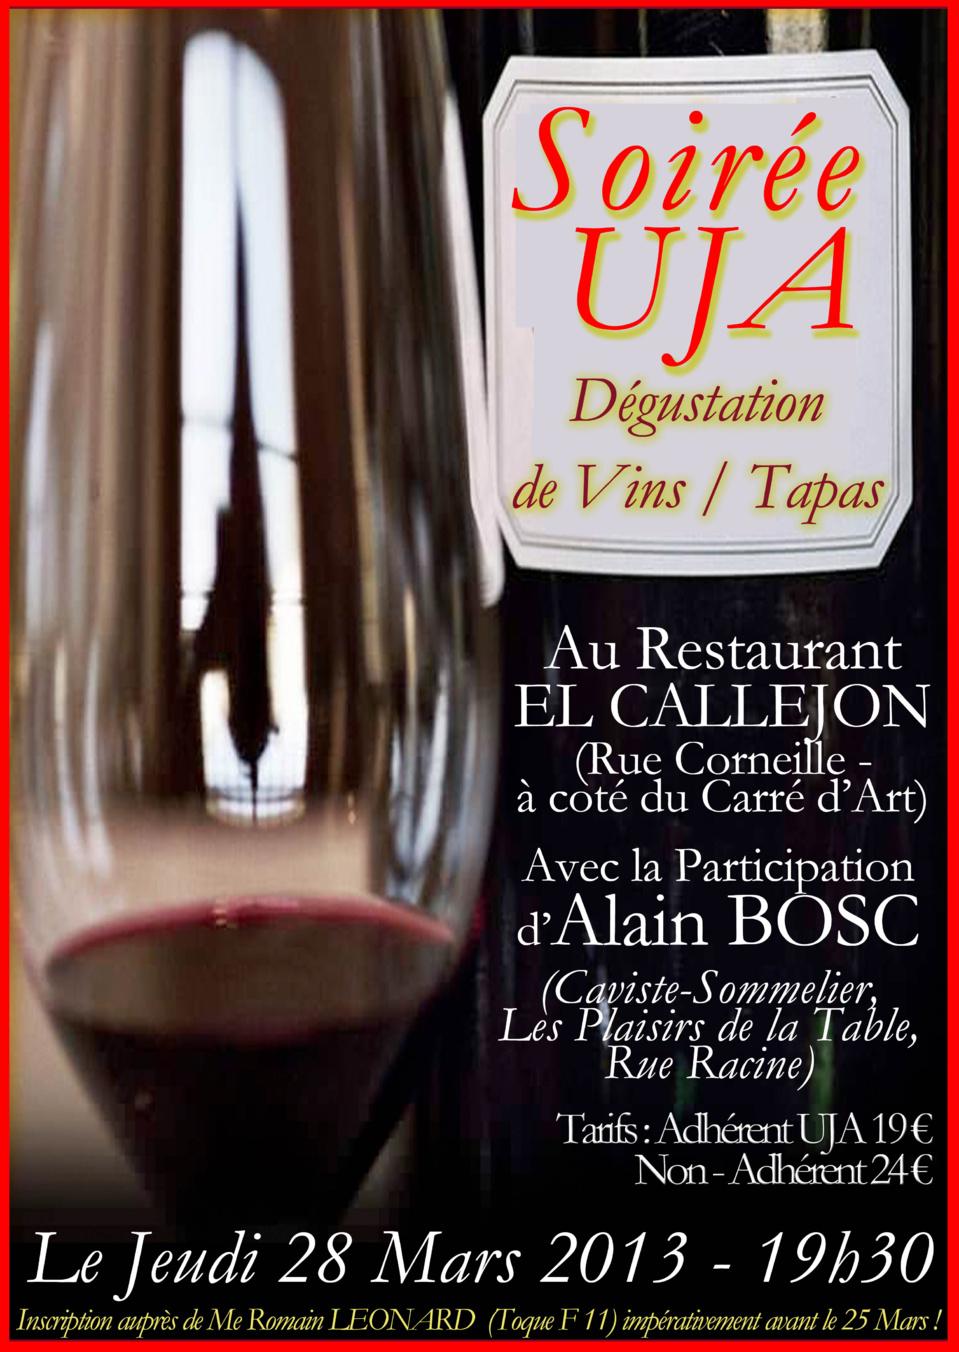 Soirée UJA - Dégustation de Vins / Tapas